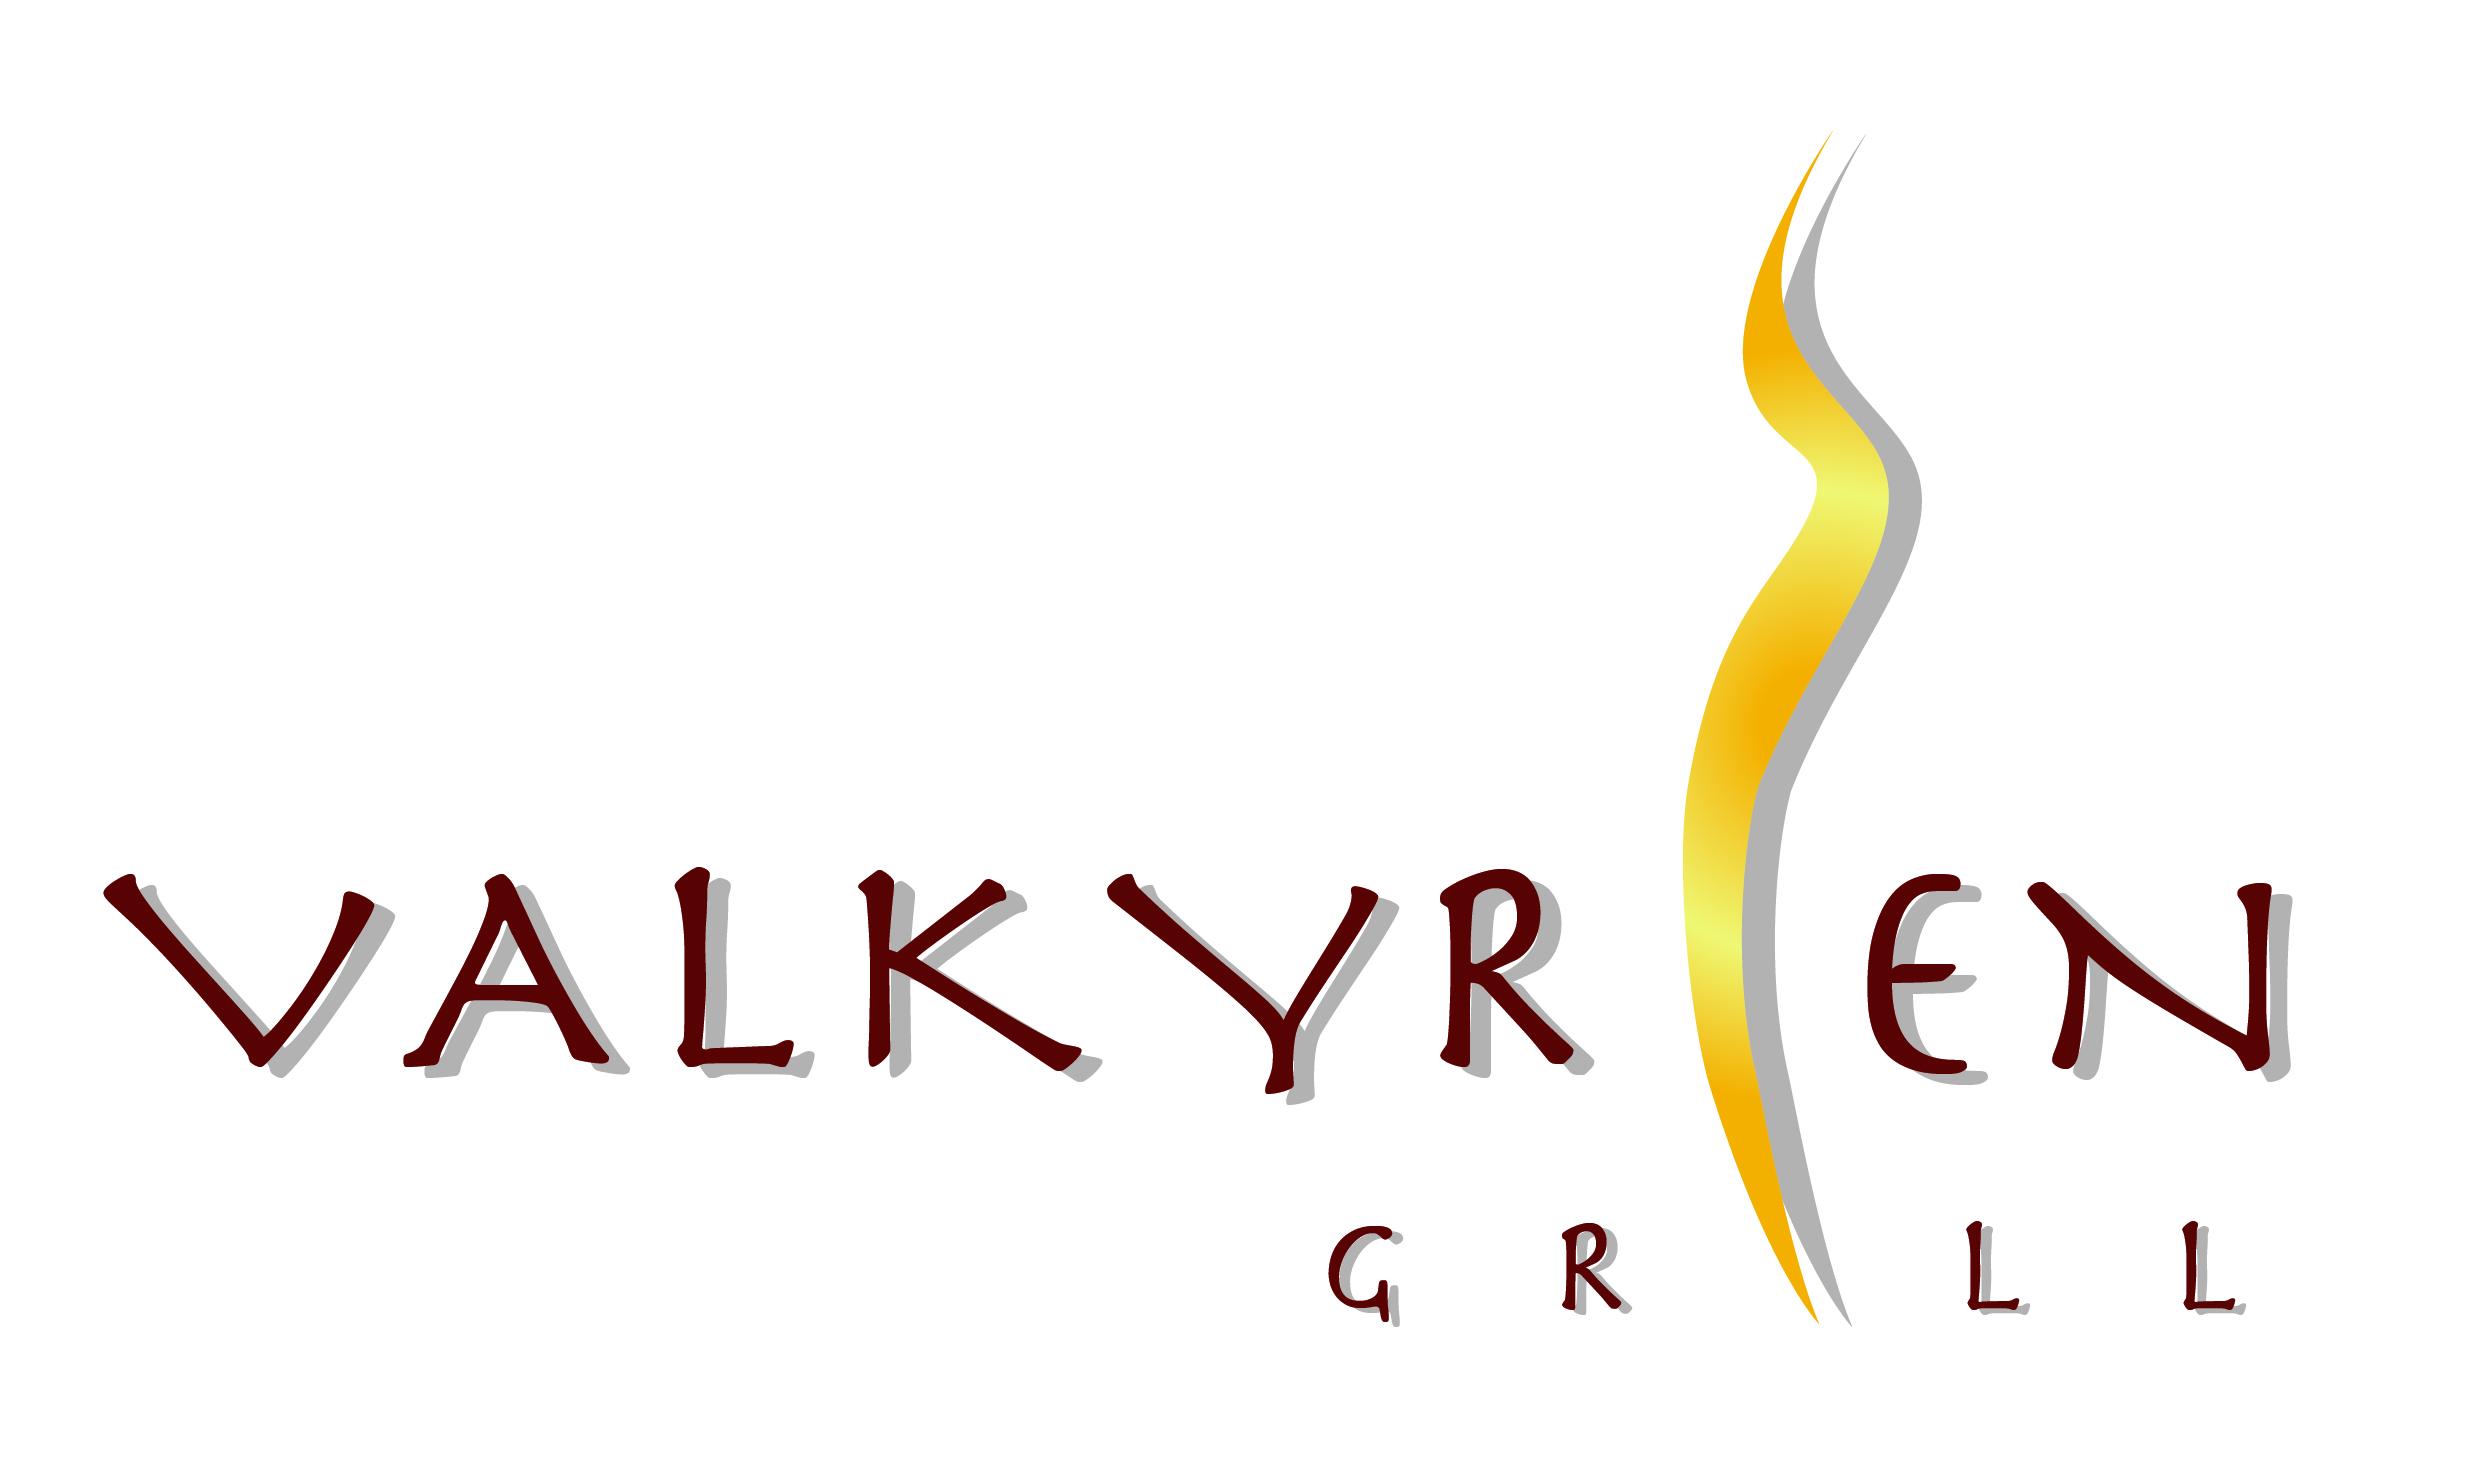 Valkyrien grill _Logo.jpg